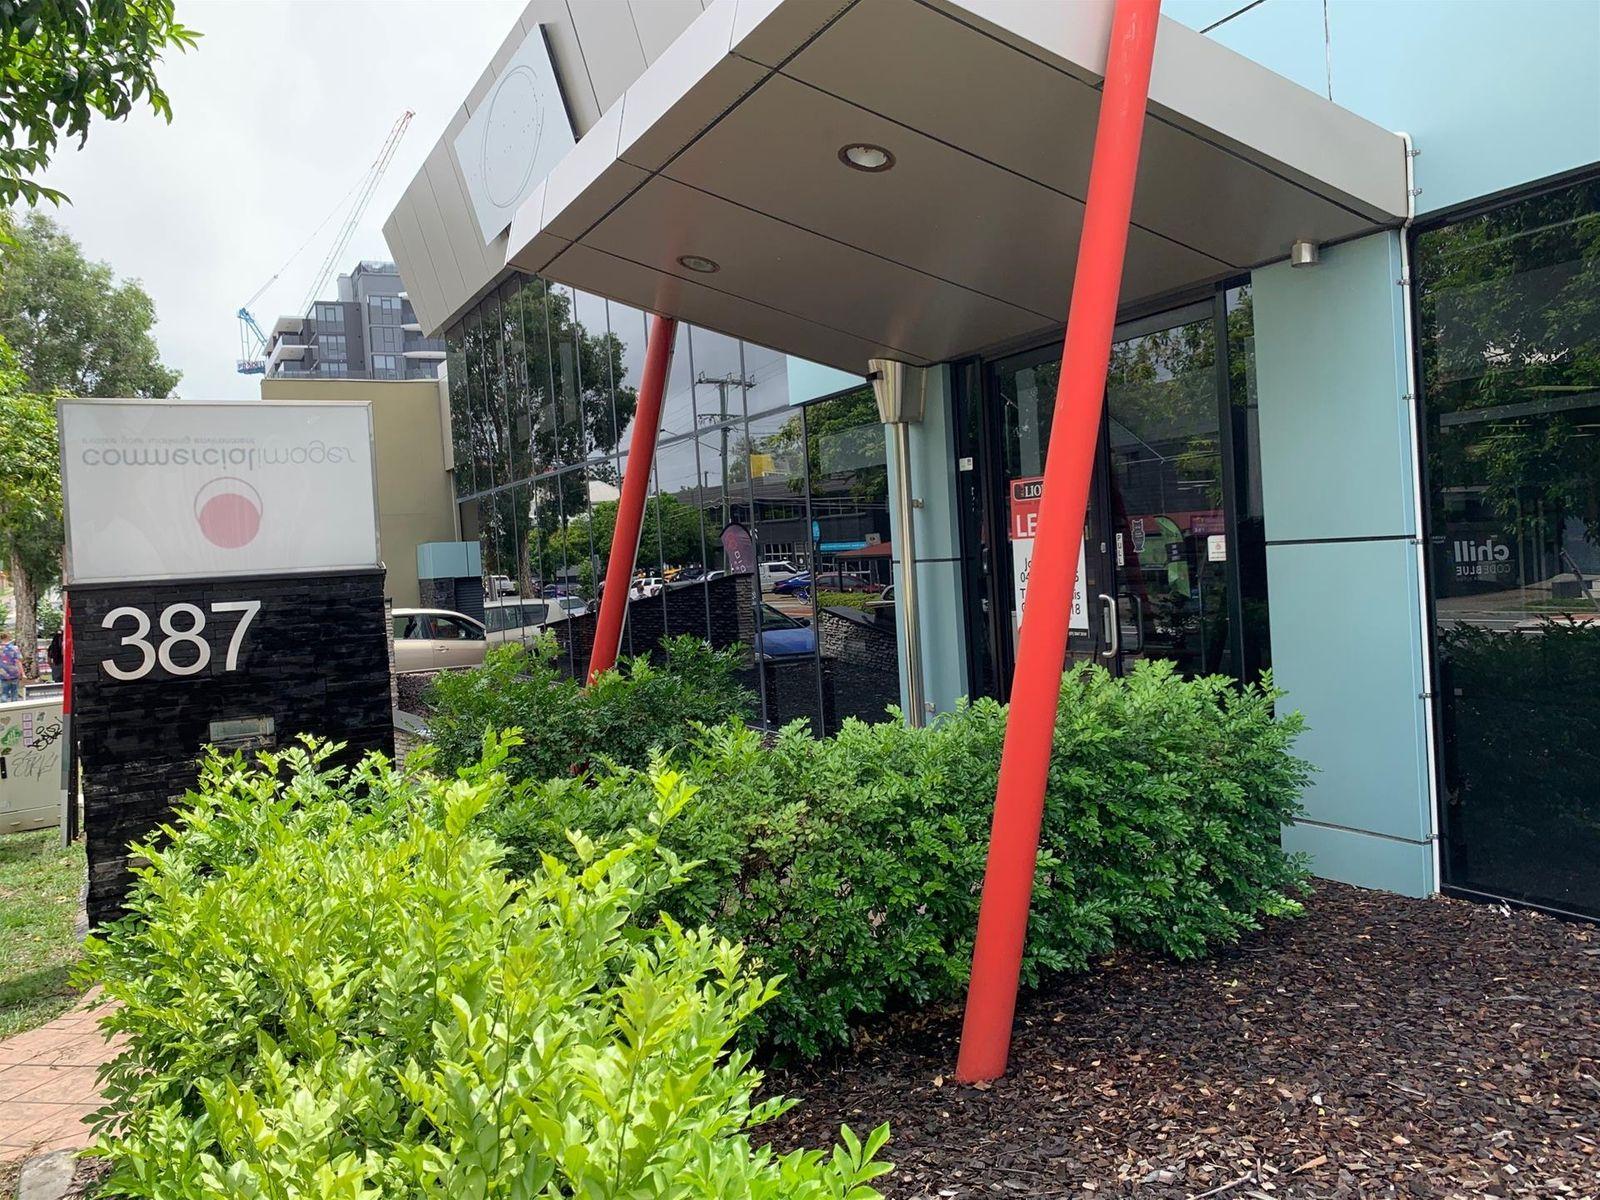 C/387 Montague Road, West End, QLD 4101